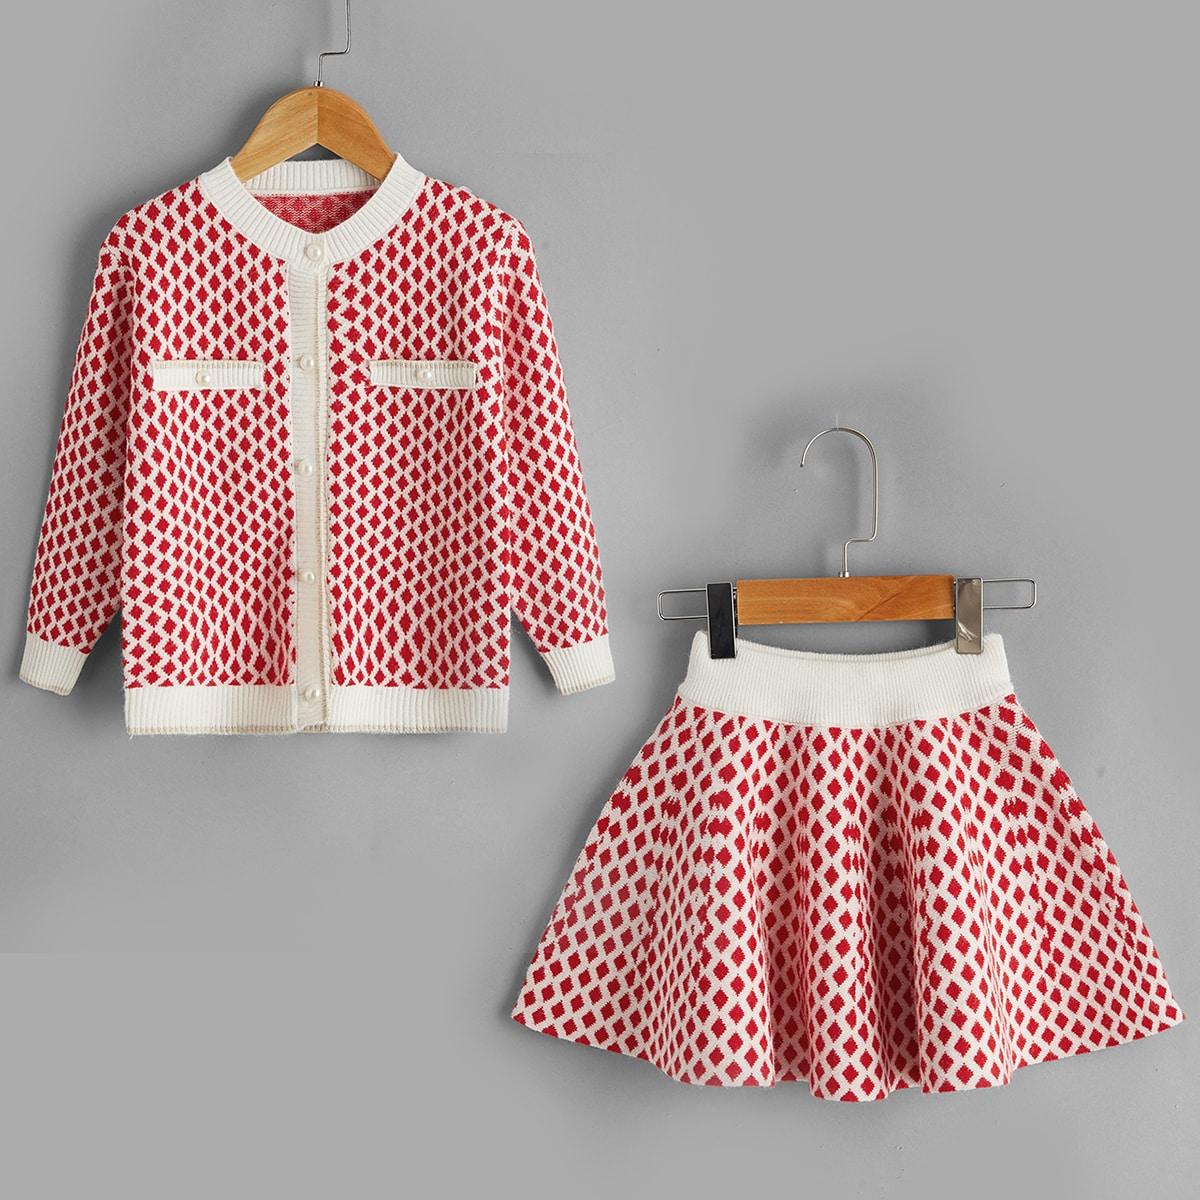 Кардиган и трикотажная юбка с геометрическим узором для девочек